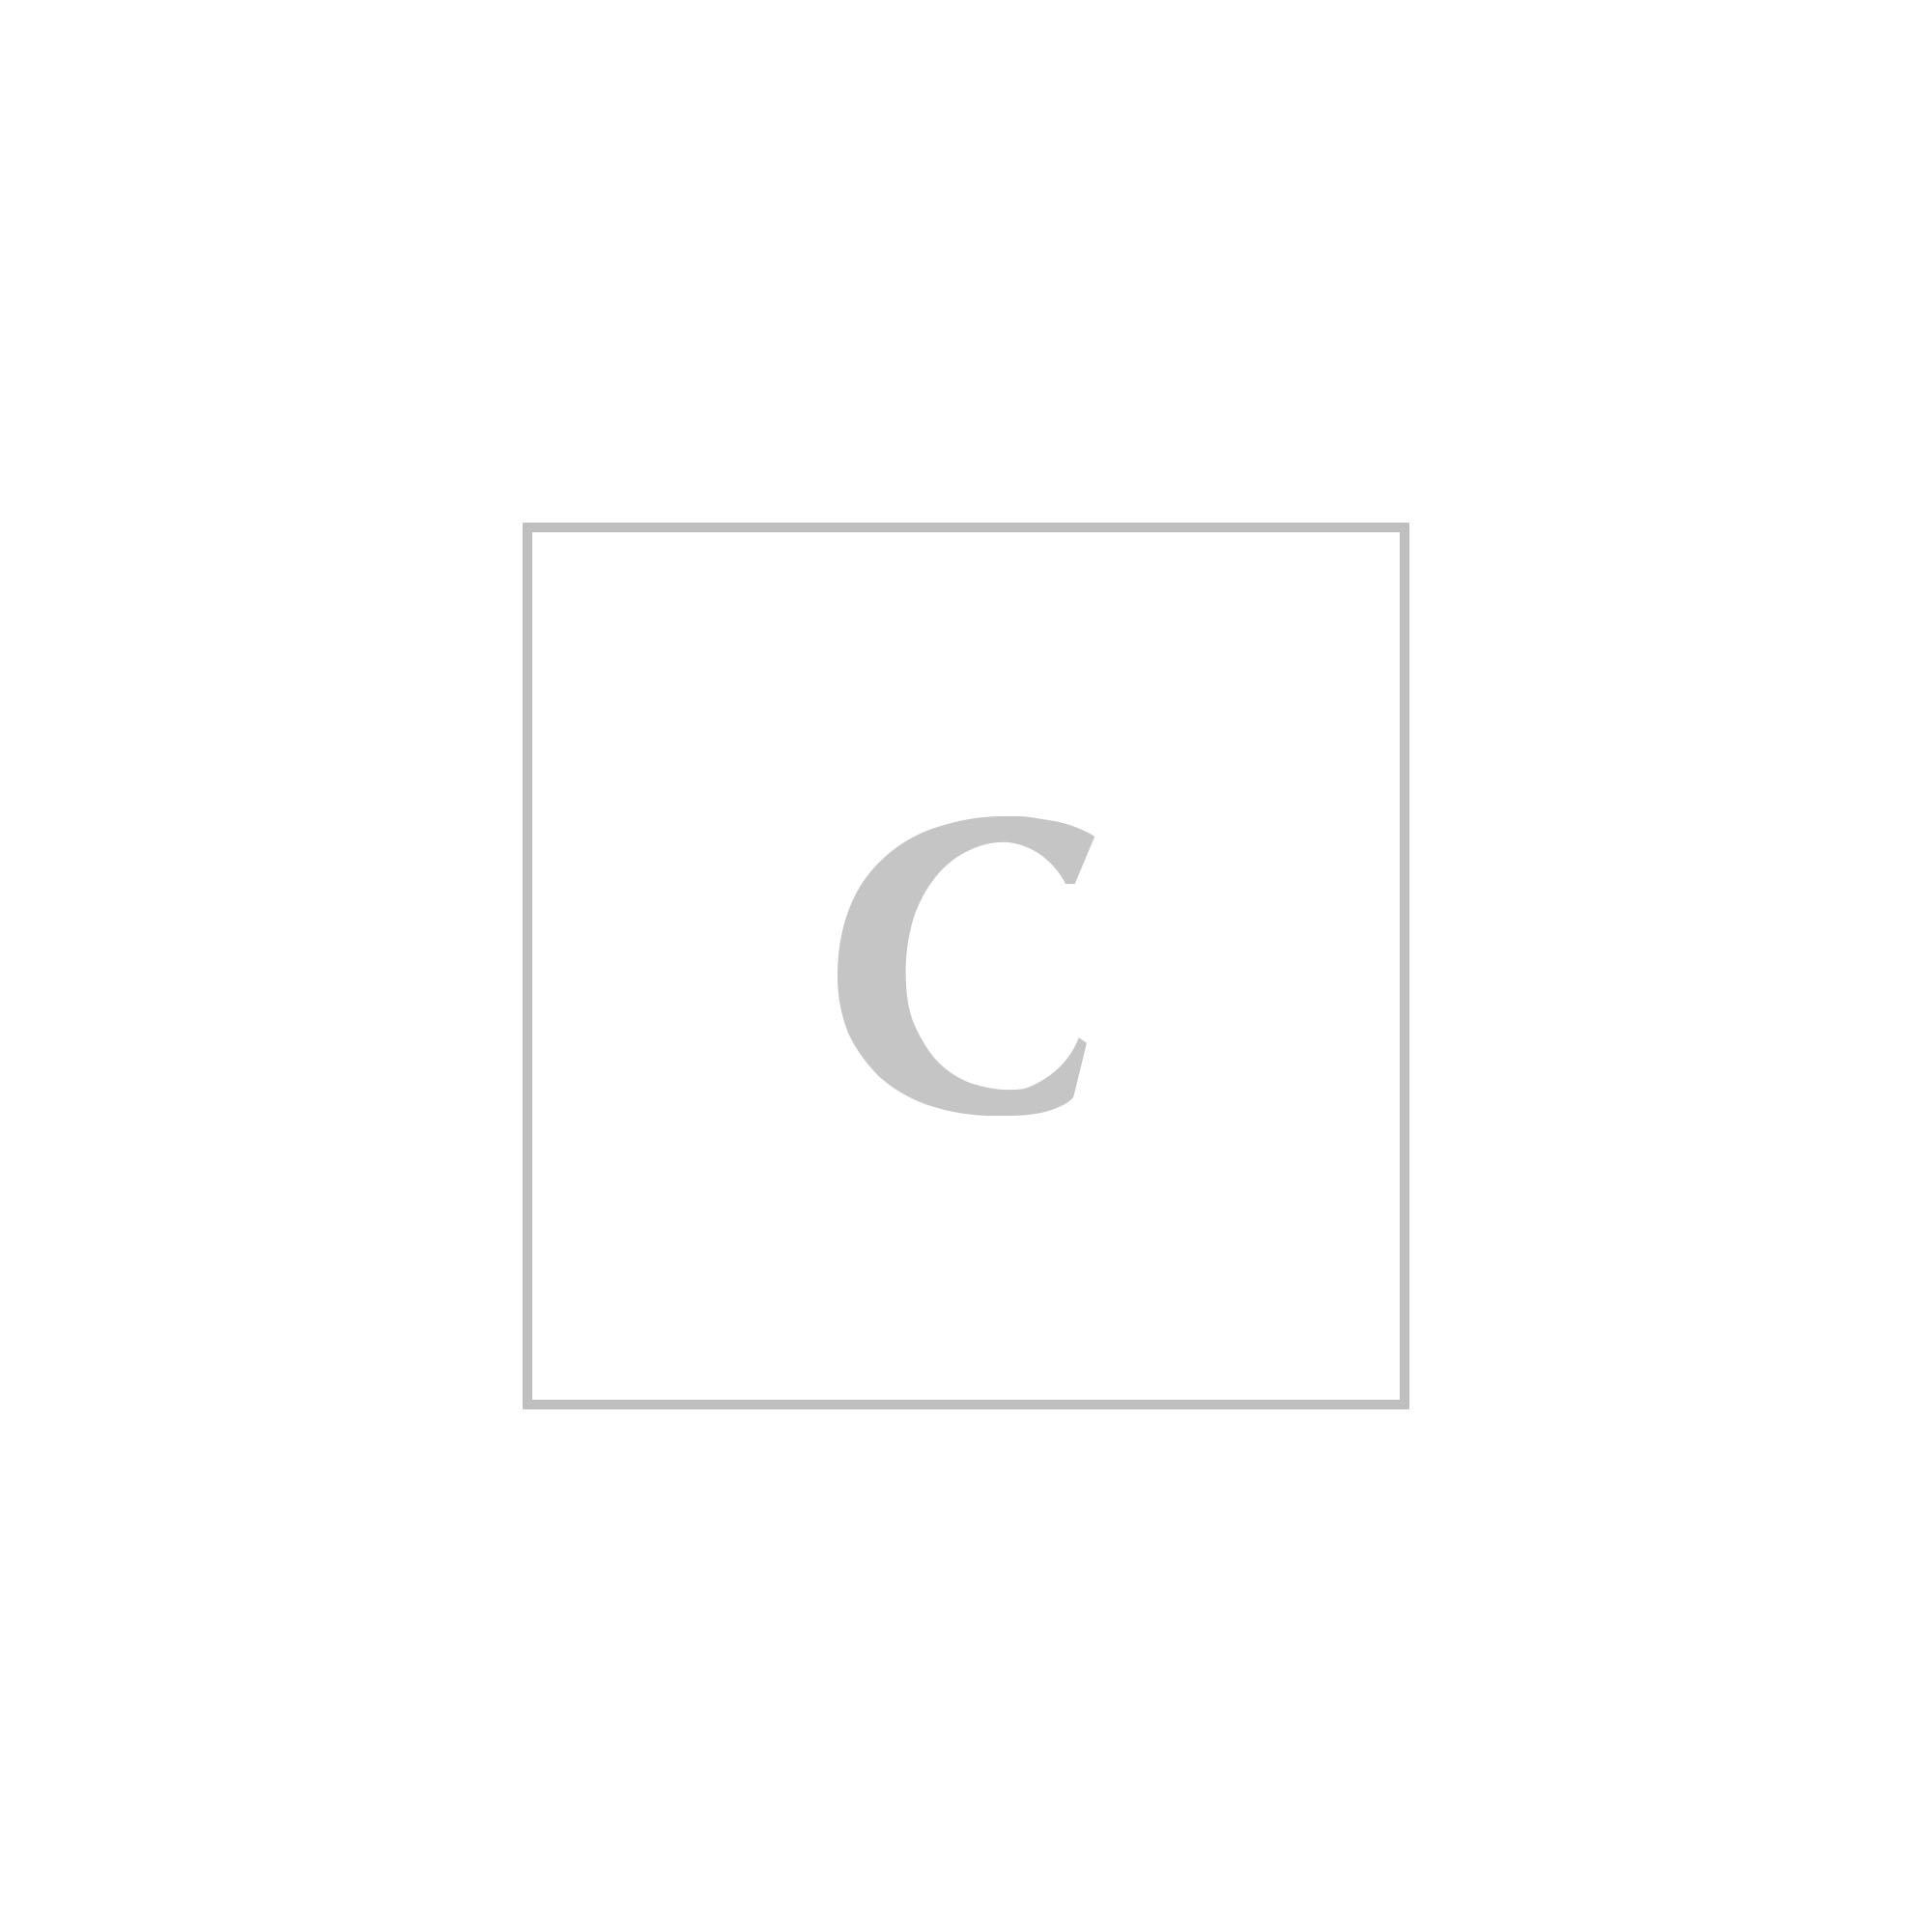 Prada portafoglio saffiano bicolore